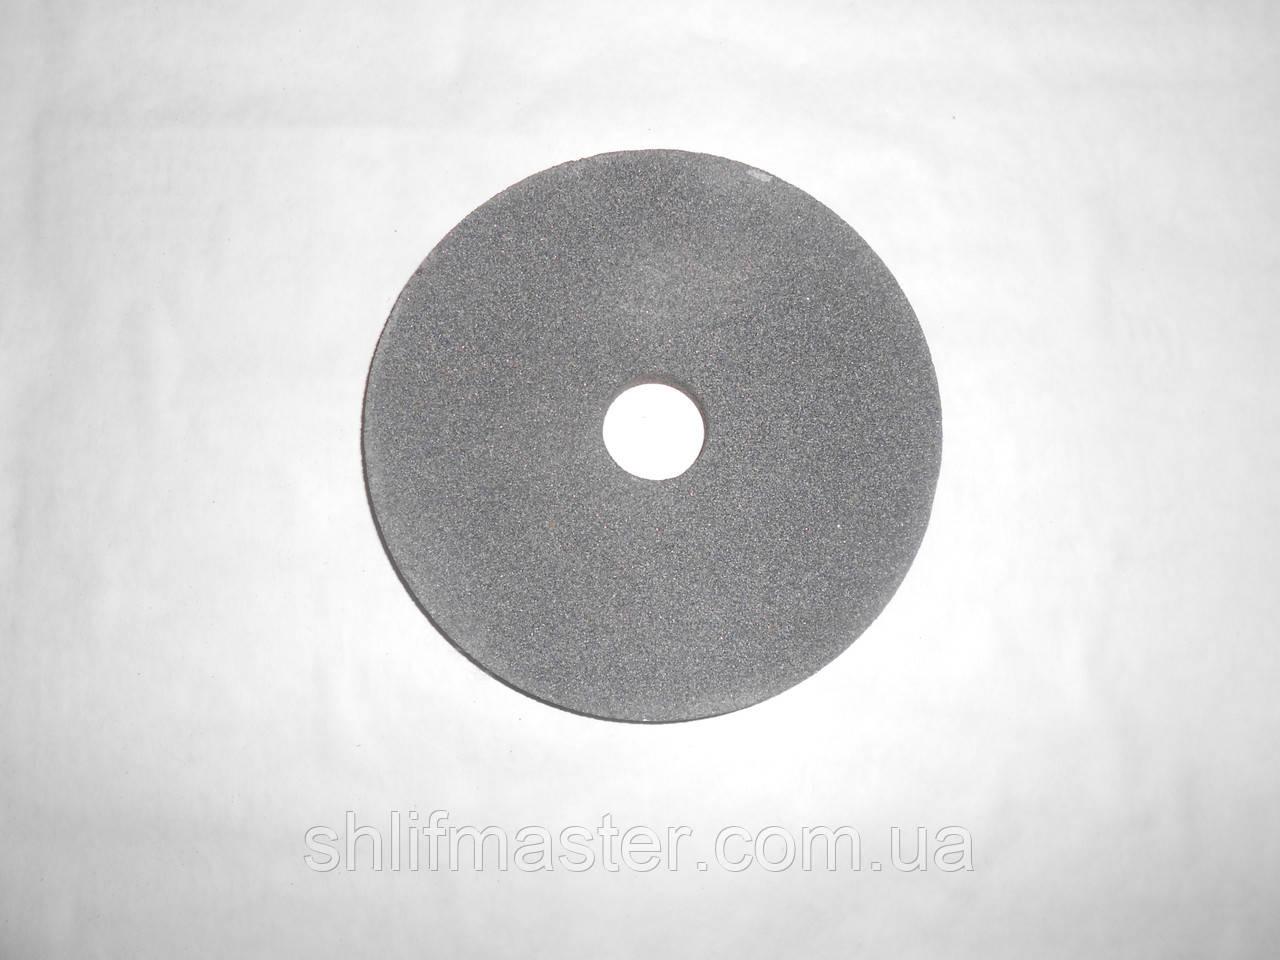 Круг шлифовальный 14А (электрокорунд серый) ПП на керамической связке 100х16х20 16-40 СМ-СТ